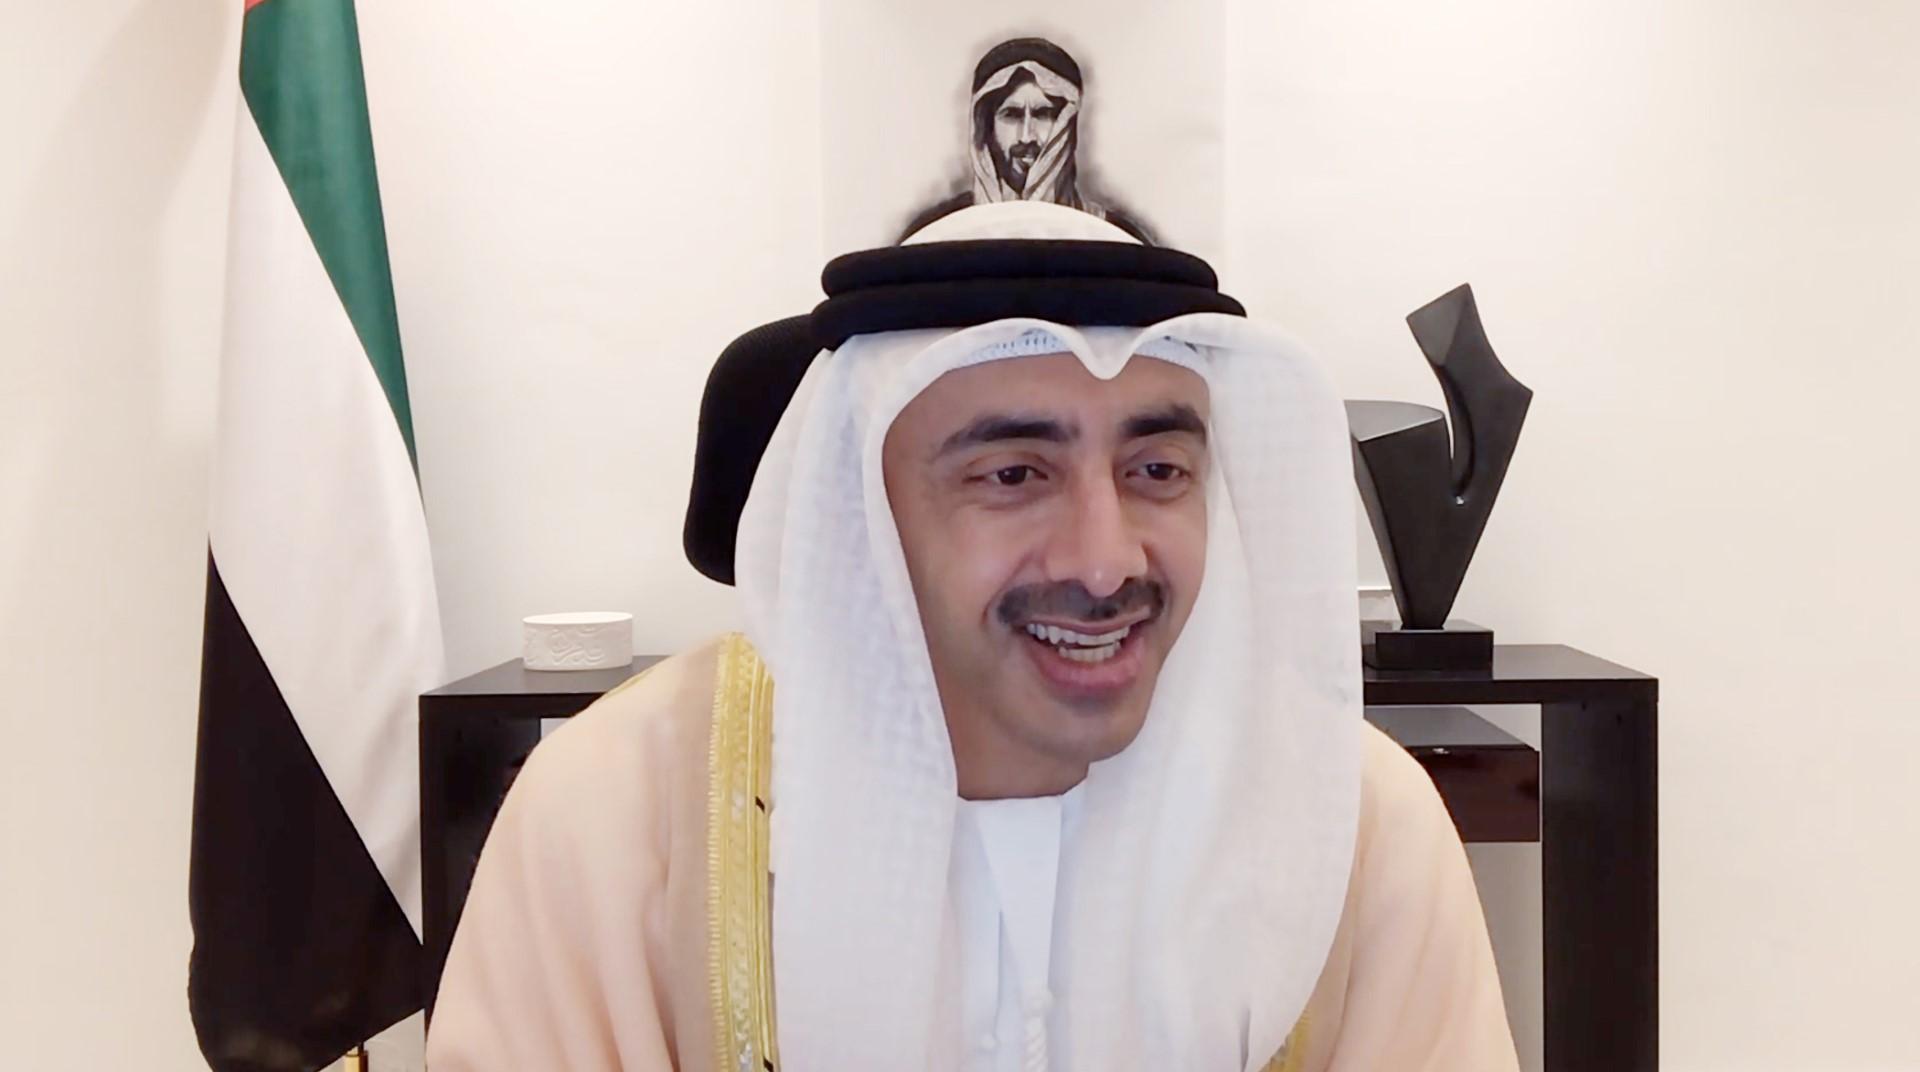 عبدالله بن زايد ووزير خارجية الكويت يترأسان أعمال اللجنة المشتركة بين البلدين